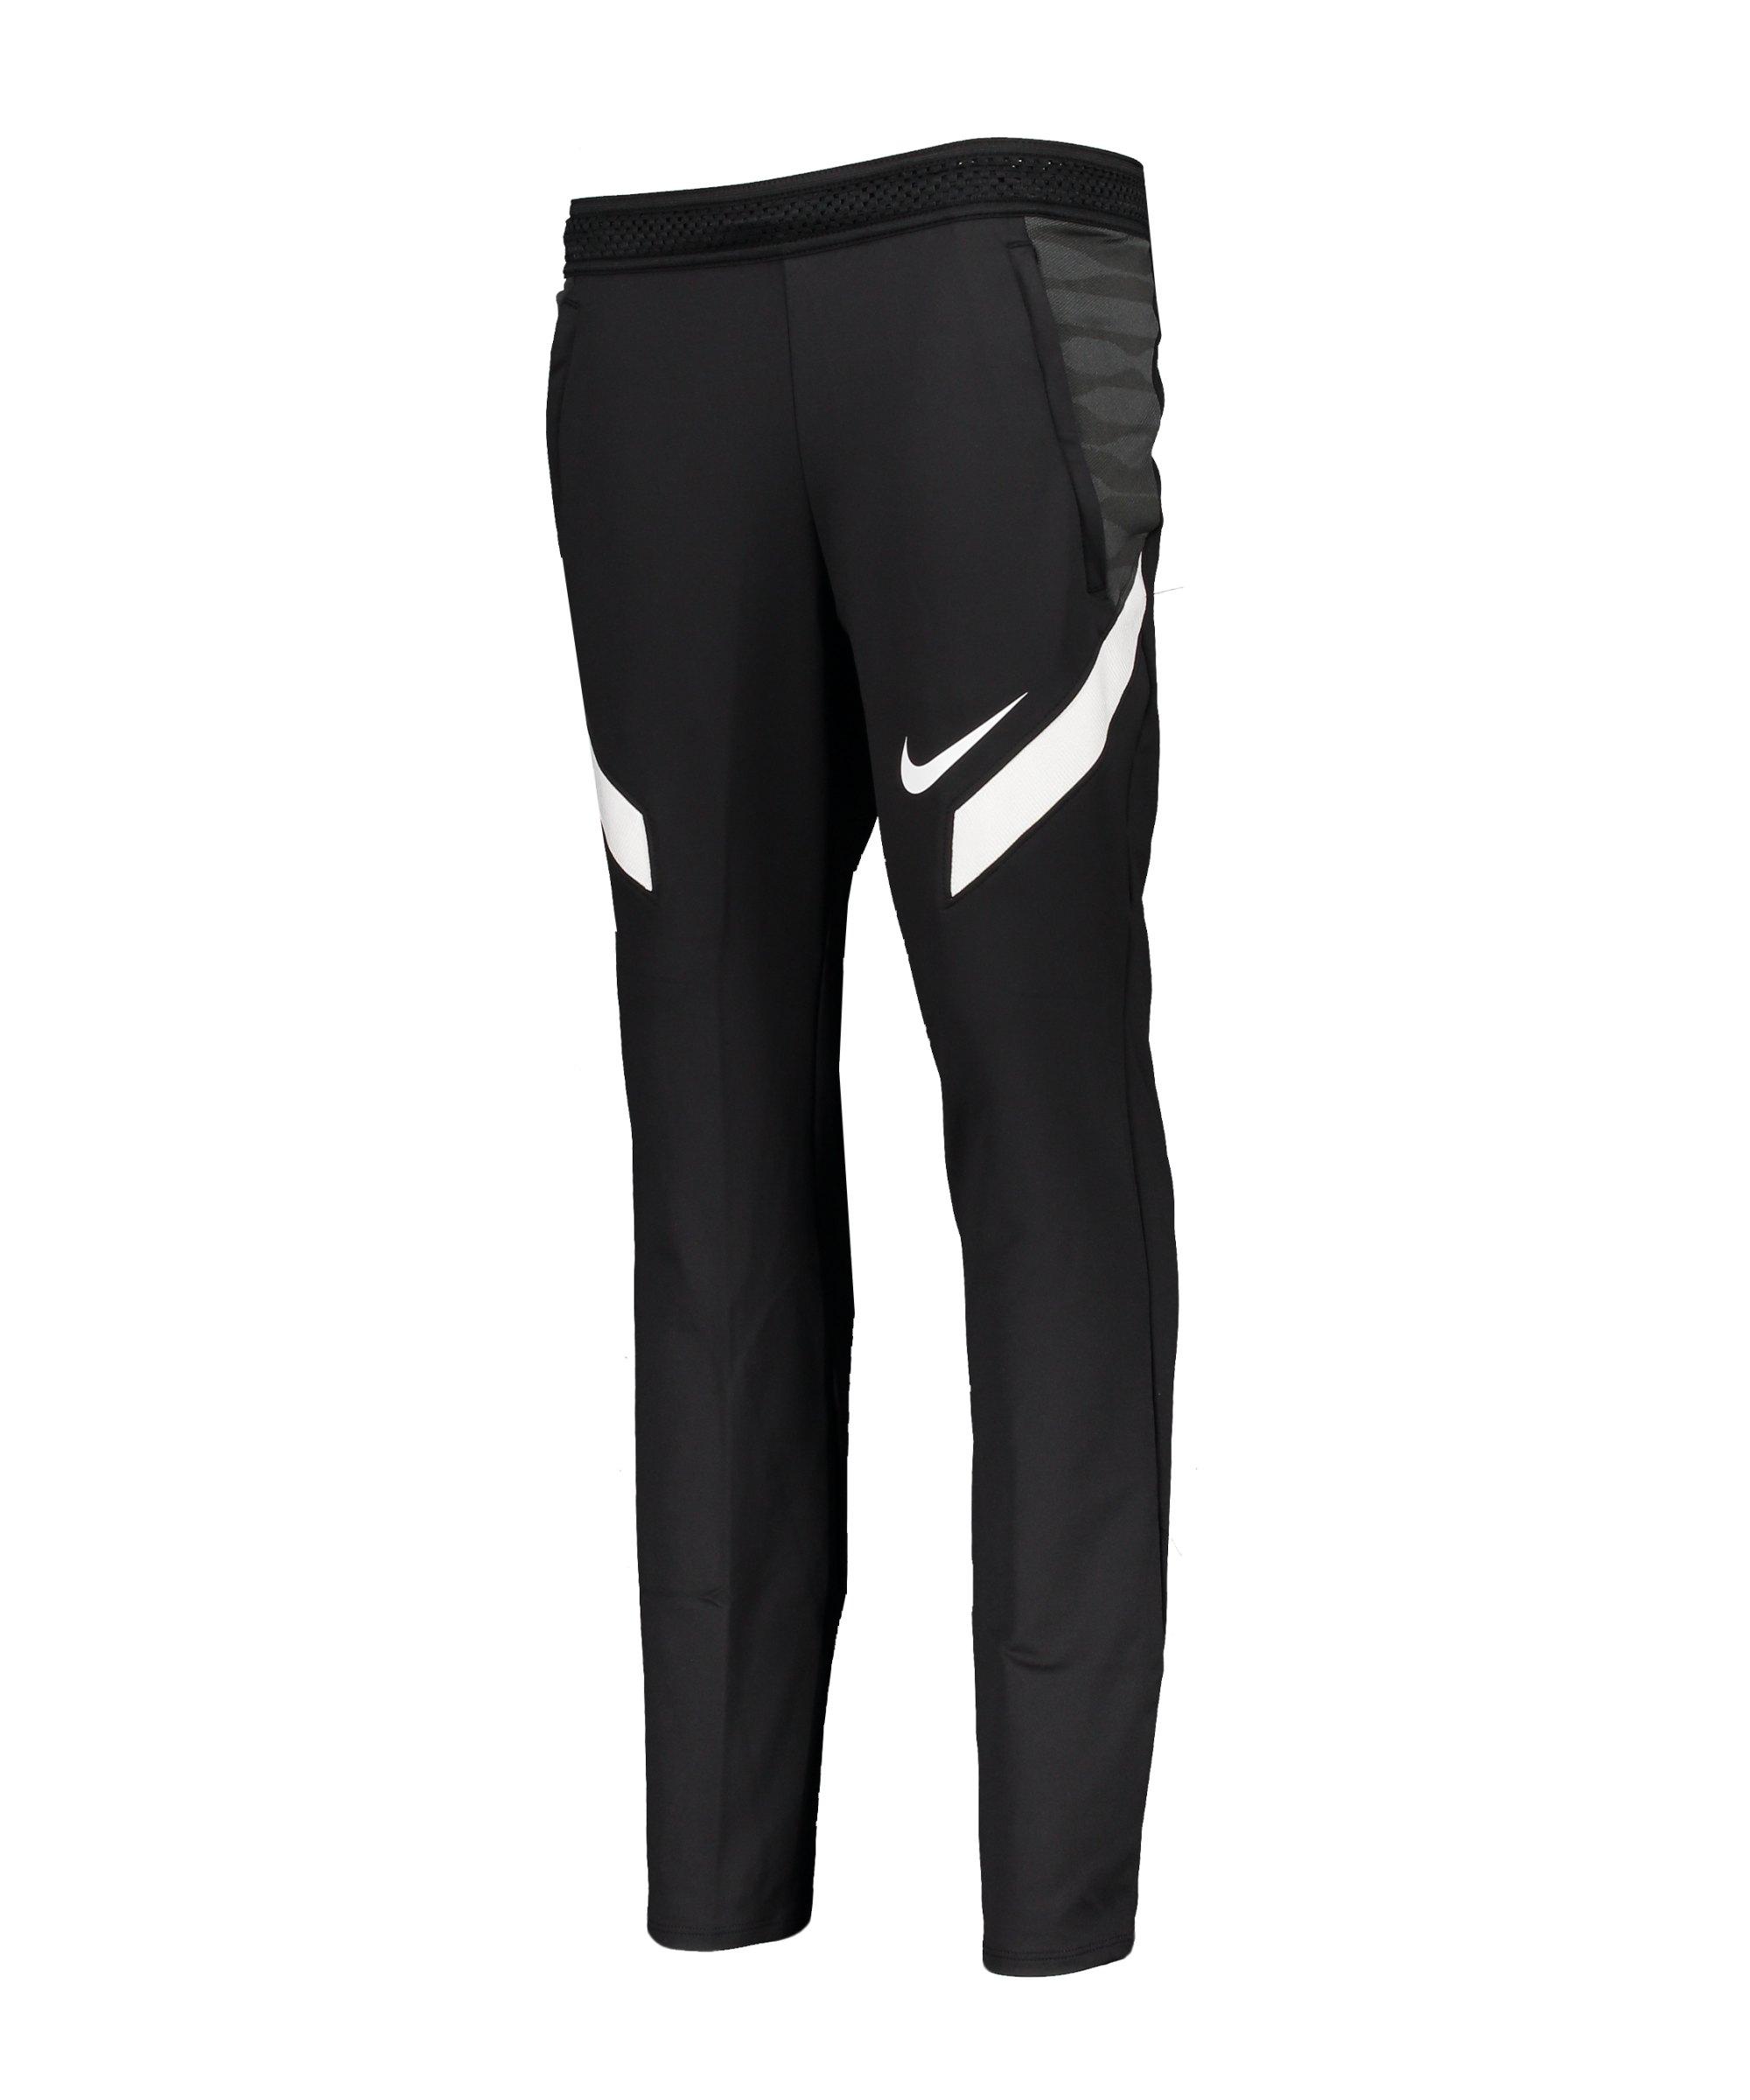 Nike Strike 21 Trainingshose Kids Schwarz F010 - schwarz